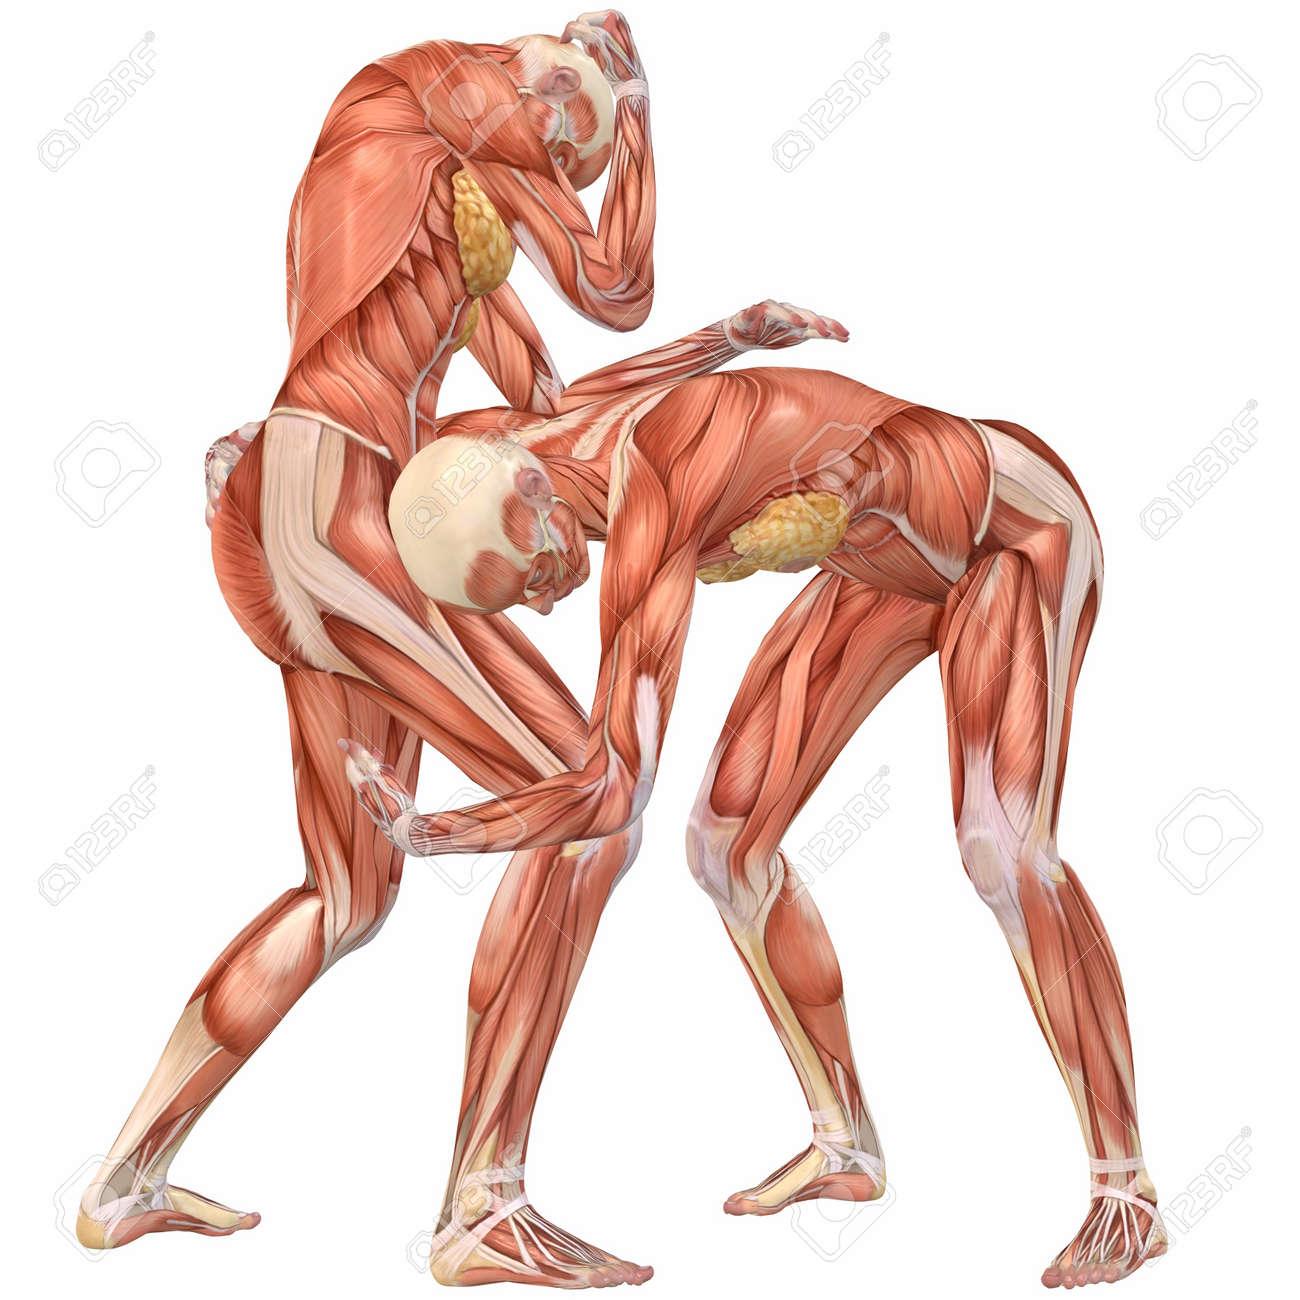 Anatomie-Street Fight Frau Menschlichen Körper Lizenzfreie Fotos ...